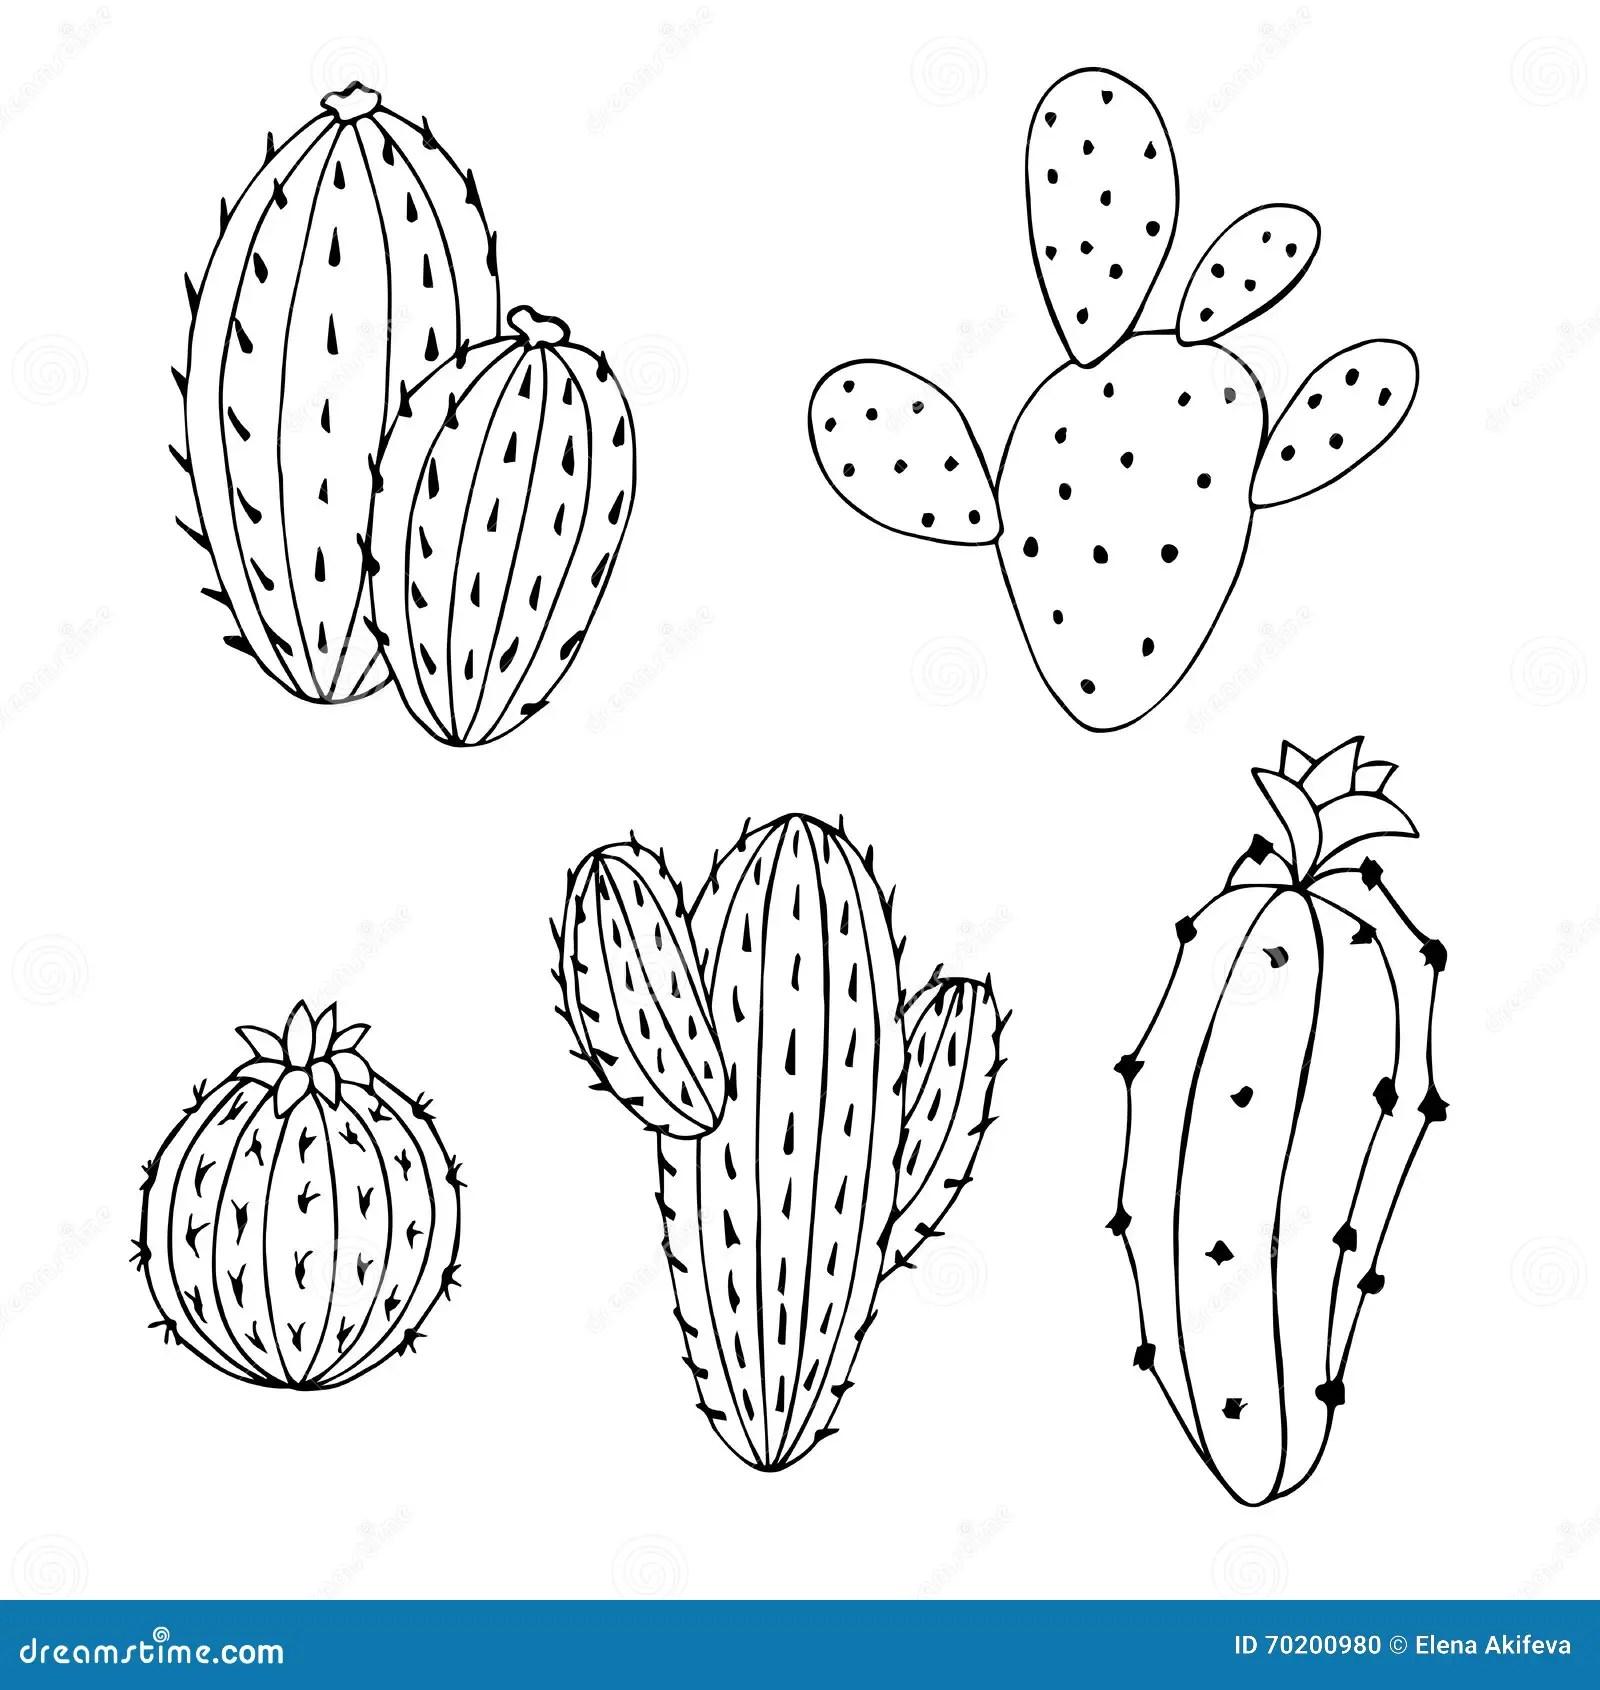 cactus set graphic art